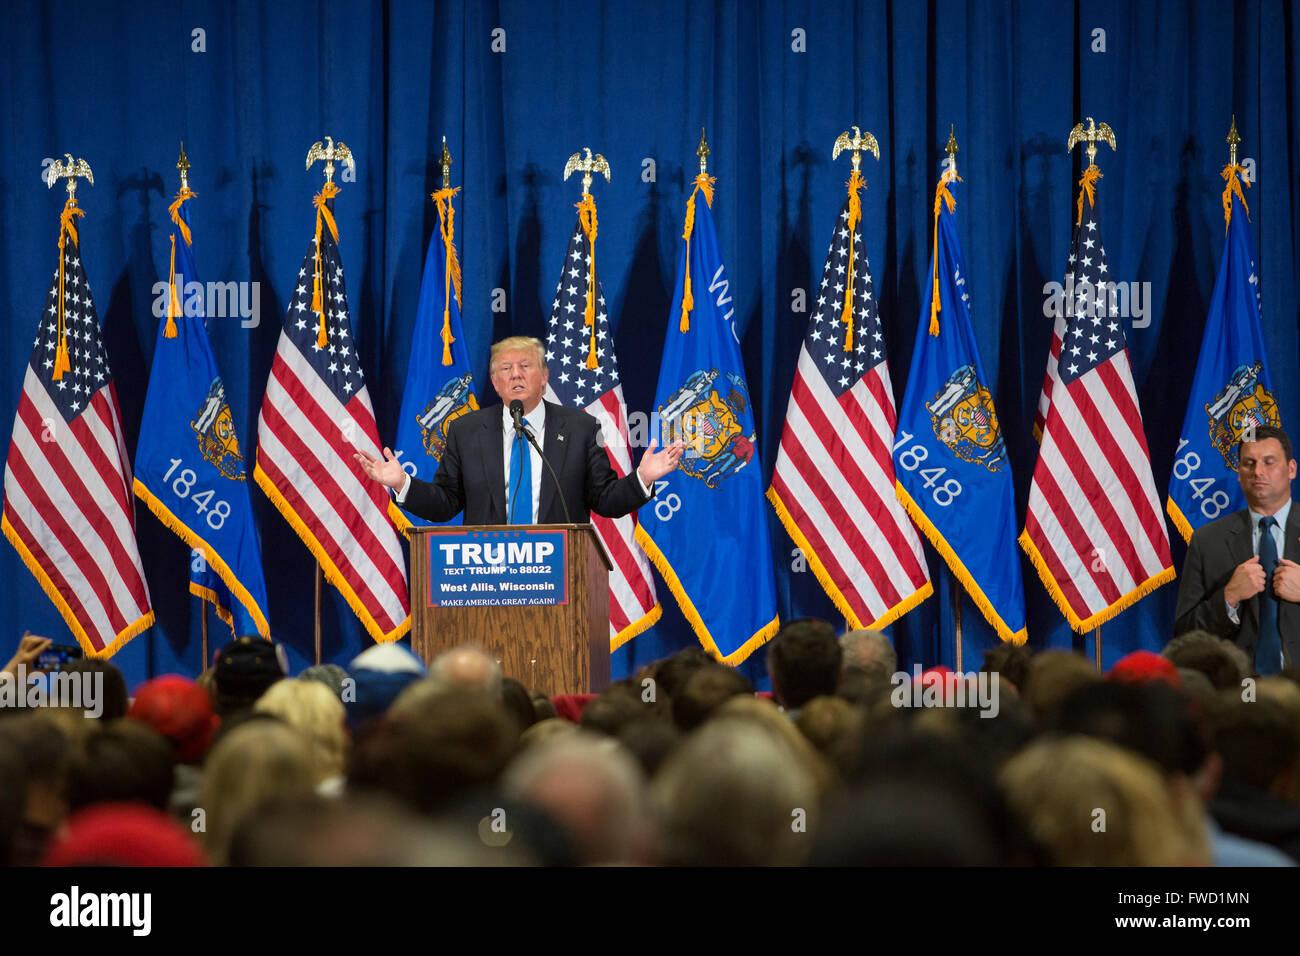 West Allis, Wisconsin USA - 3. April 2016 - Donald Trump Kampagnen für die republikanische Nominierung zum Stockbild